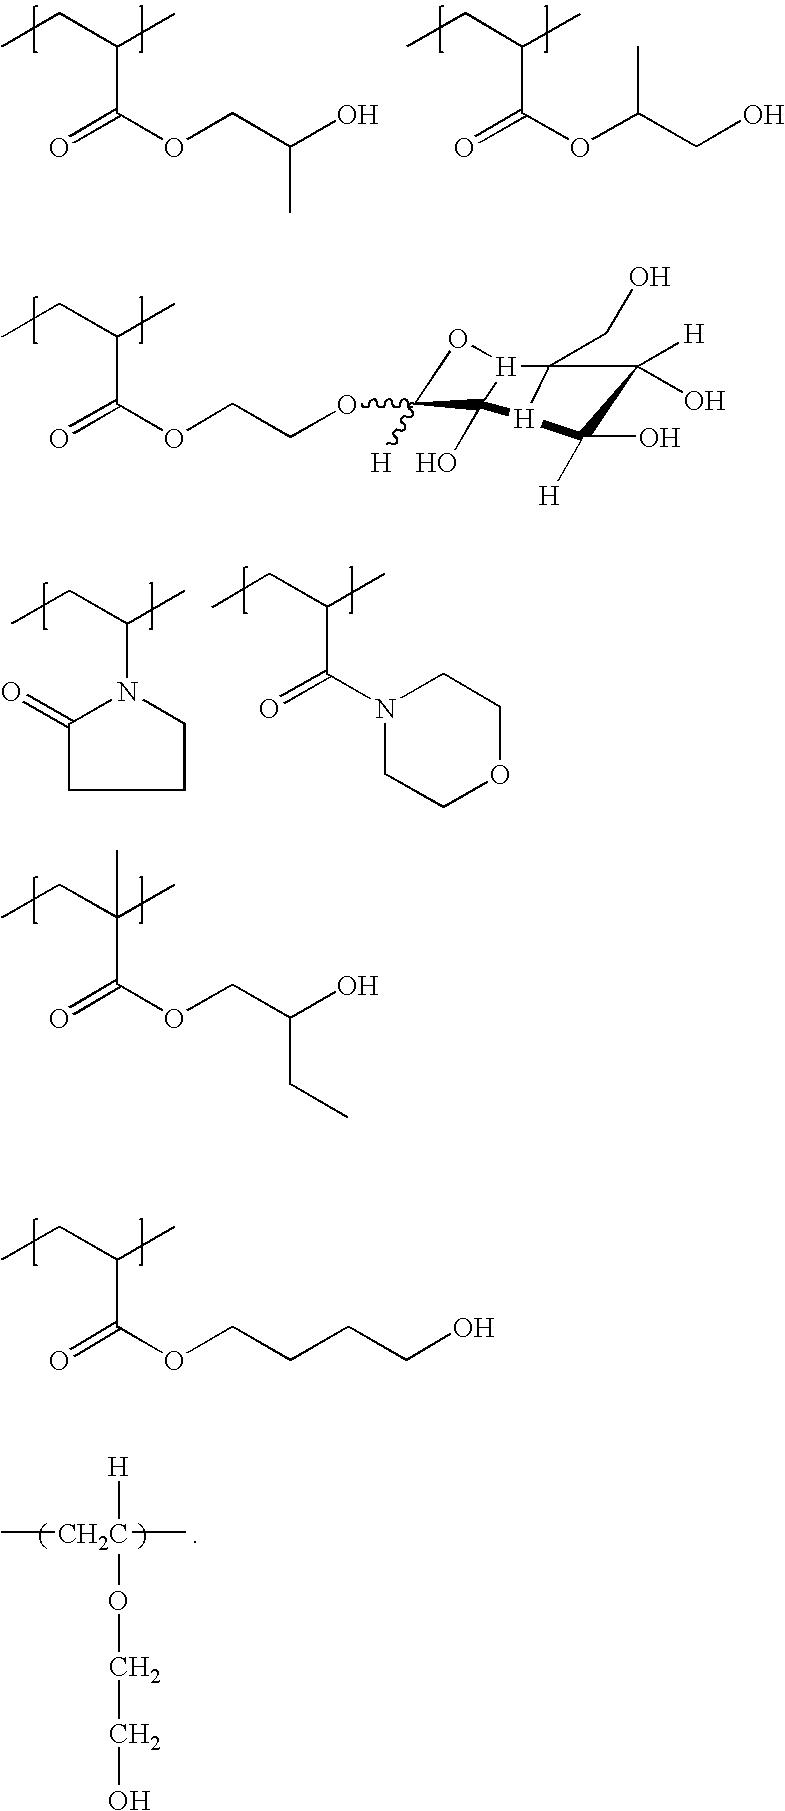 Figure US20080131393A1-20080605-C00124